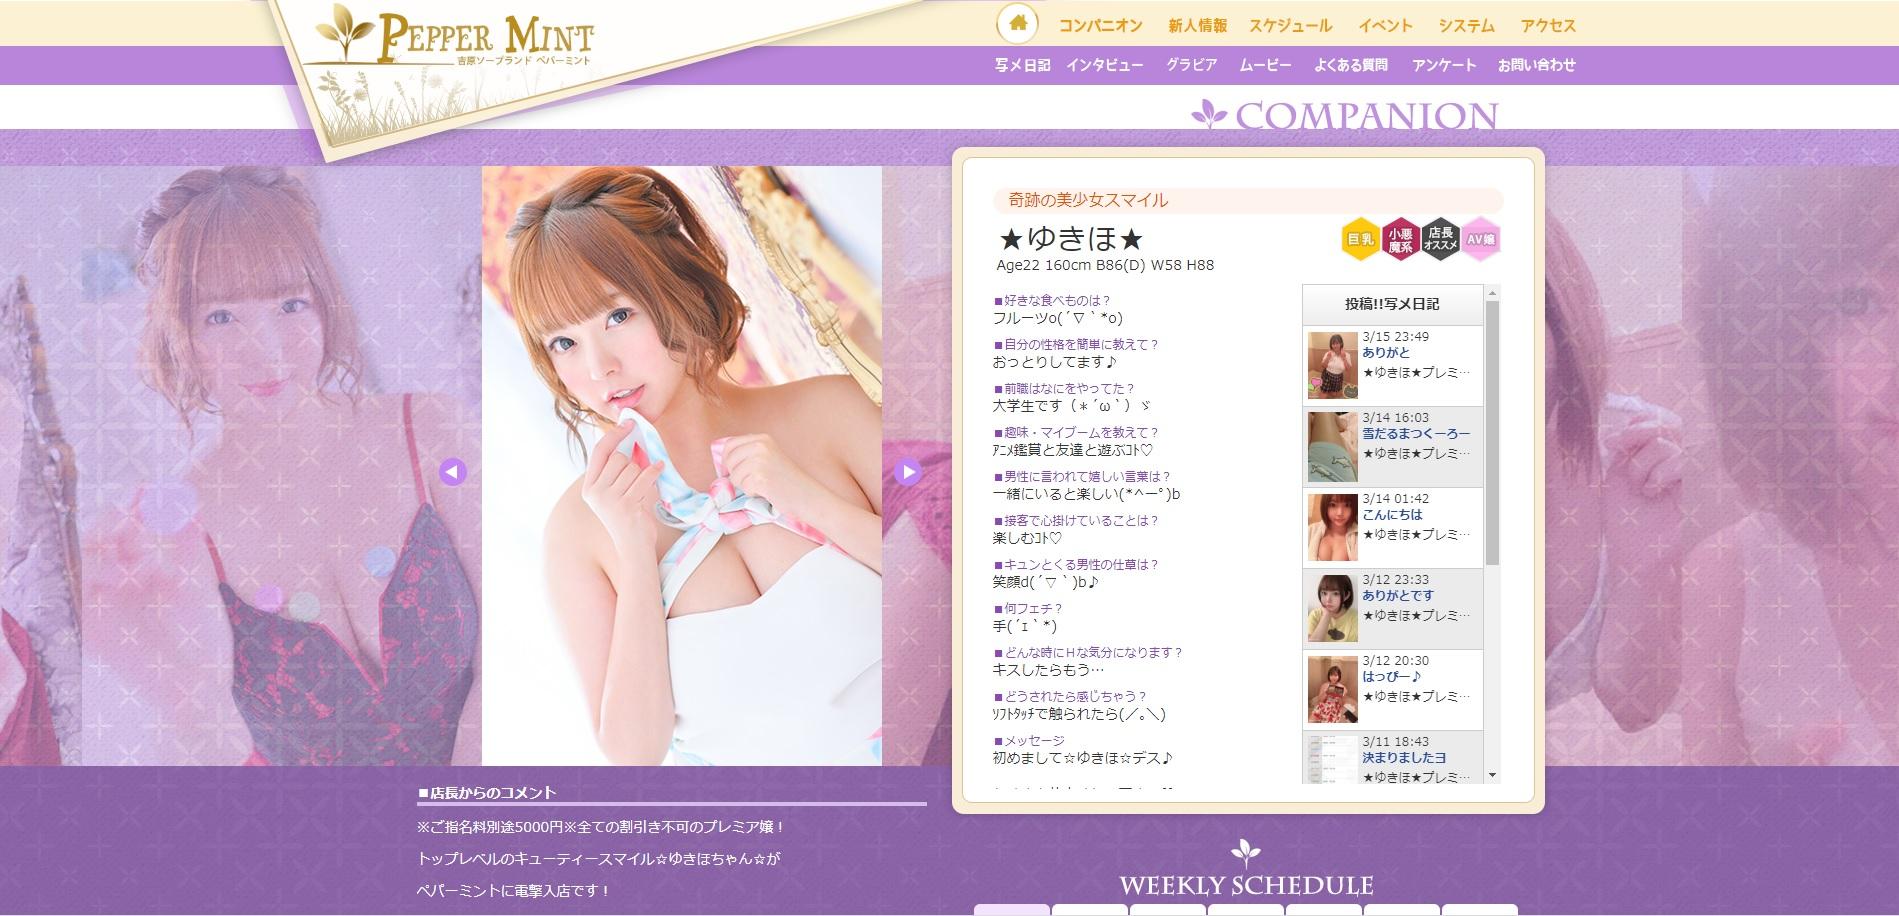 【日本・東京】風俗店『PEPPER MINT』在籍的前AV女優介紹